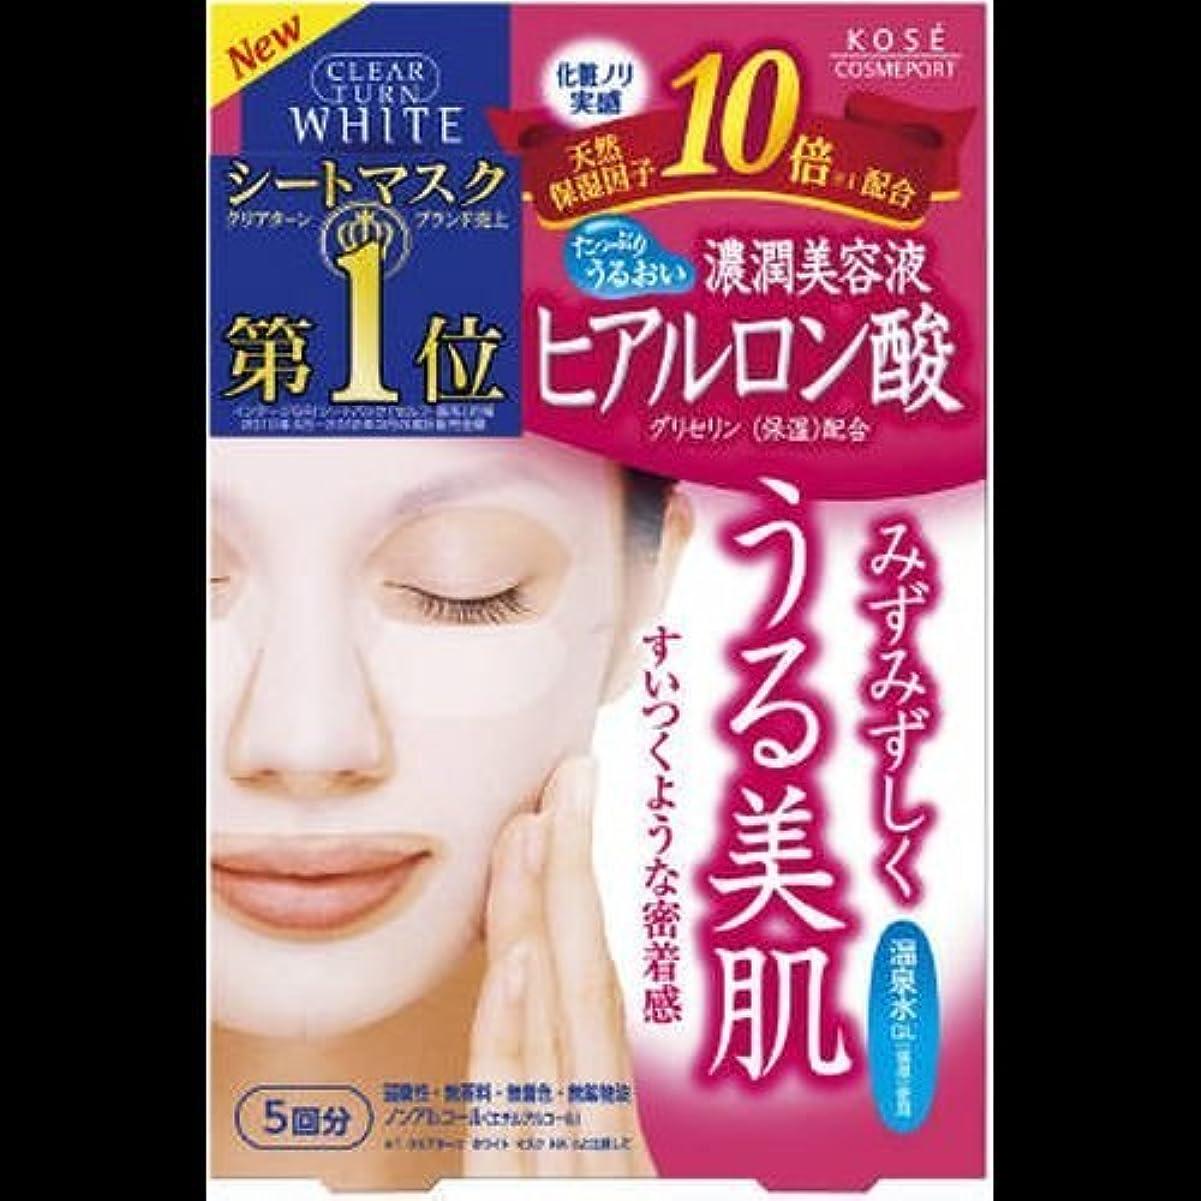 該当するくびれたごちそうクリアターン ホワイトマスク ヒアルロン酸 5回分 ×2セット